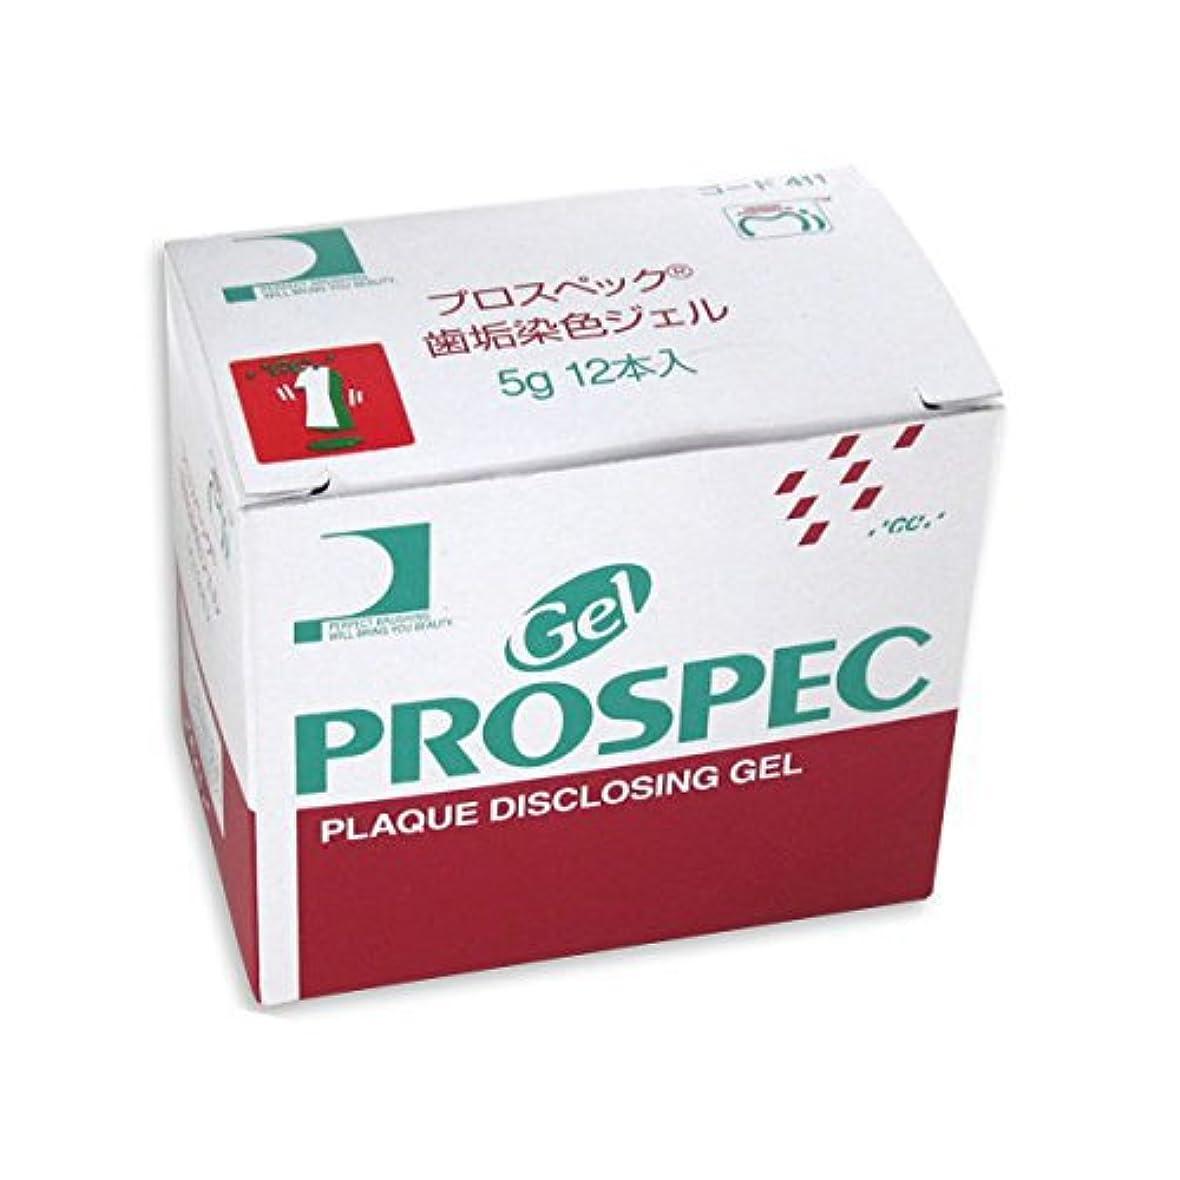 担当者望ましい熟すプロスペック ジーシー プロスペック 歯垢染色ジェル 5g×12個単品